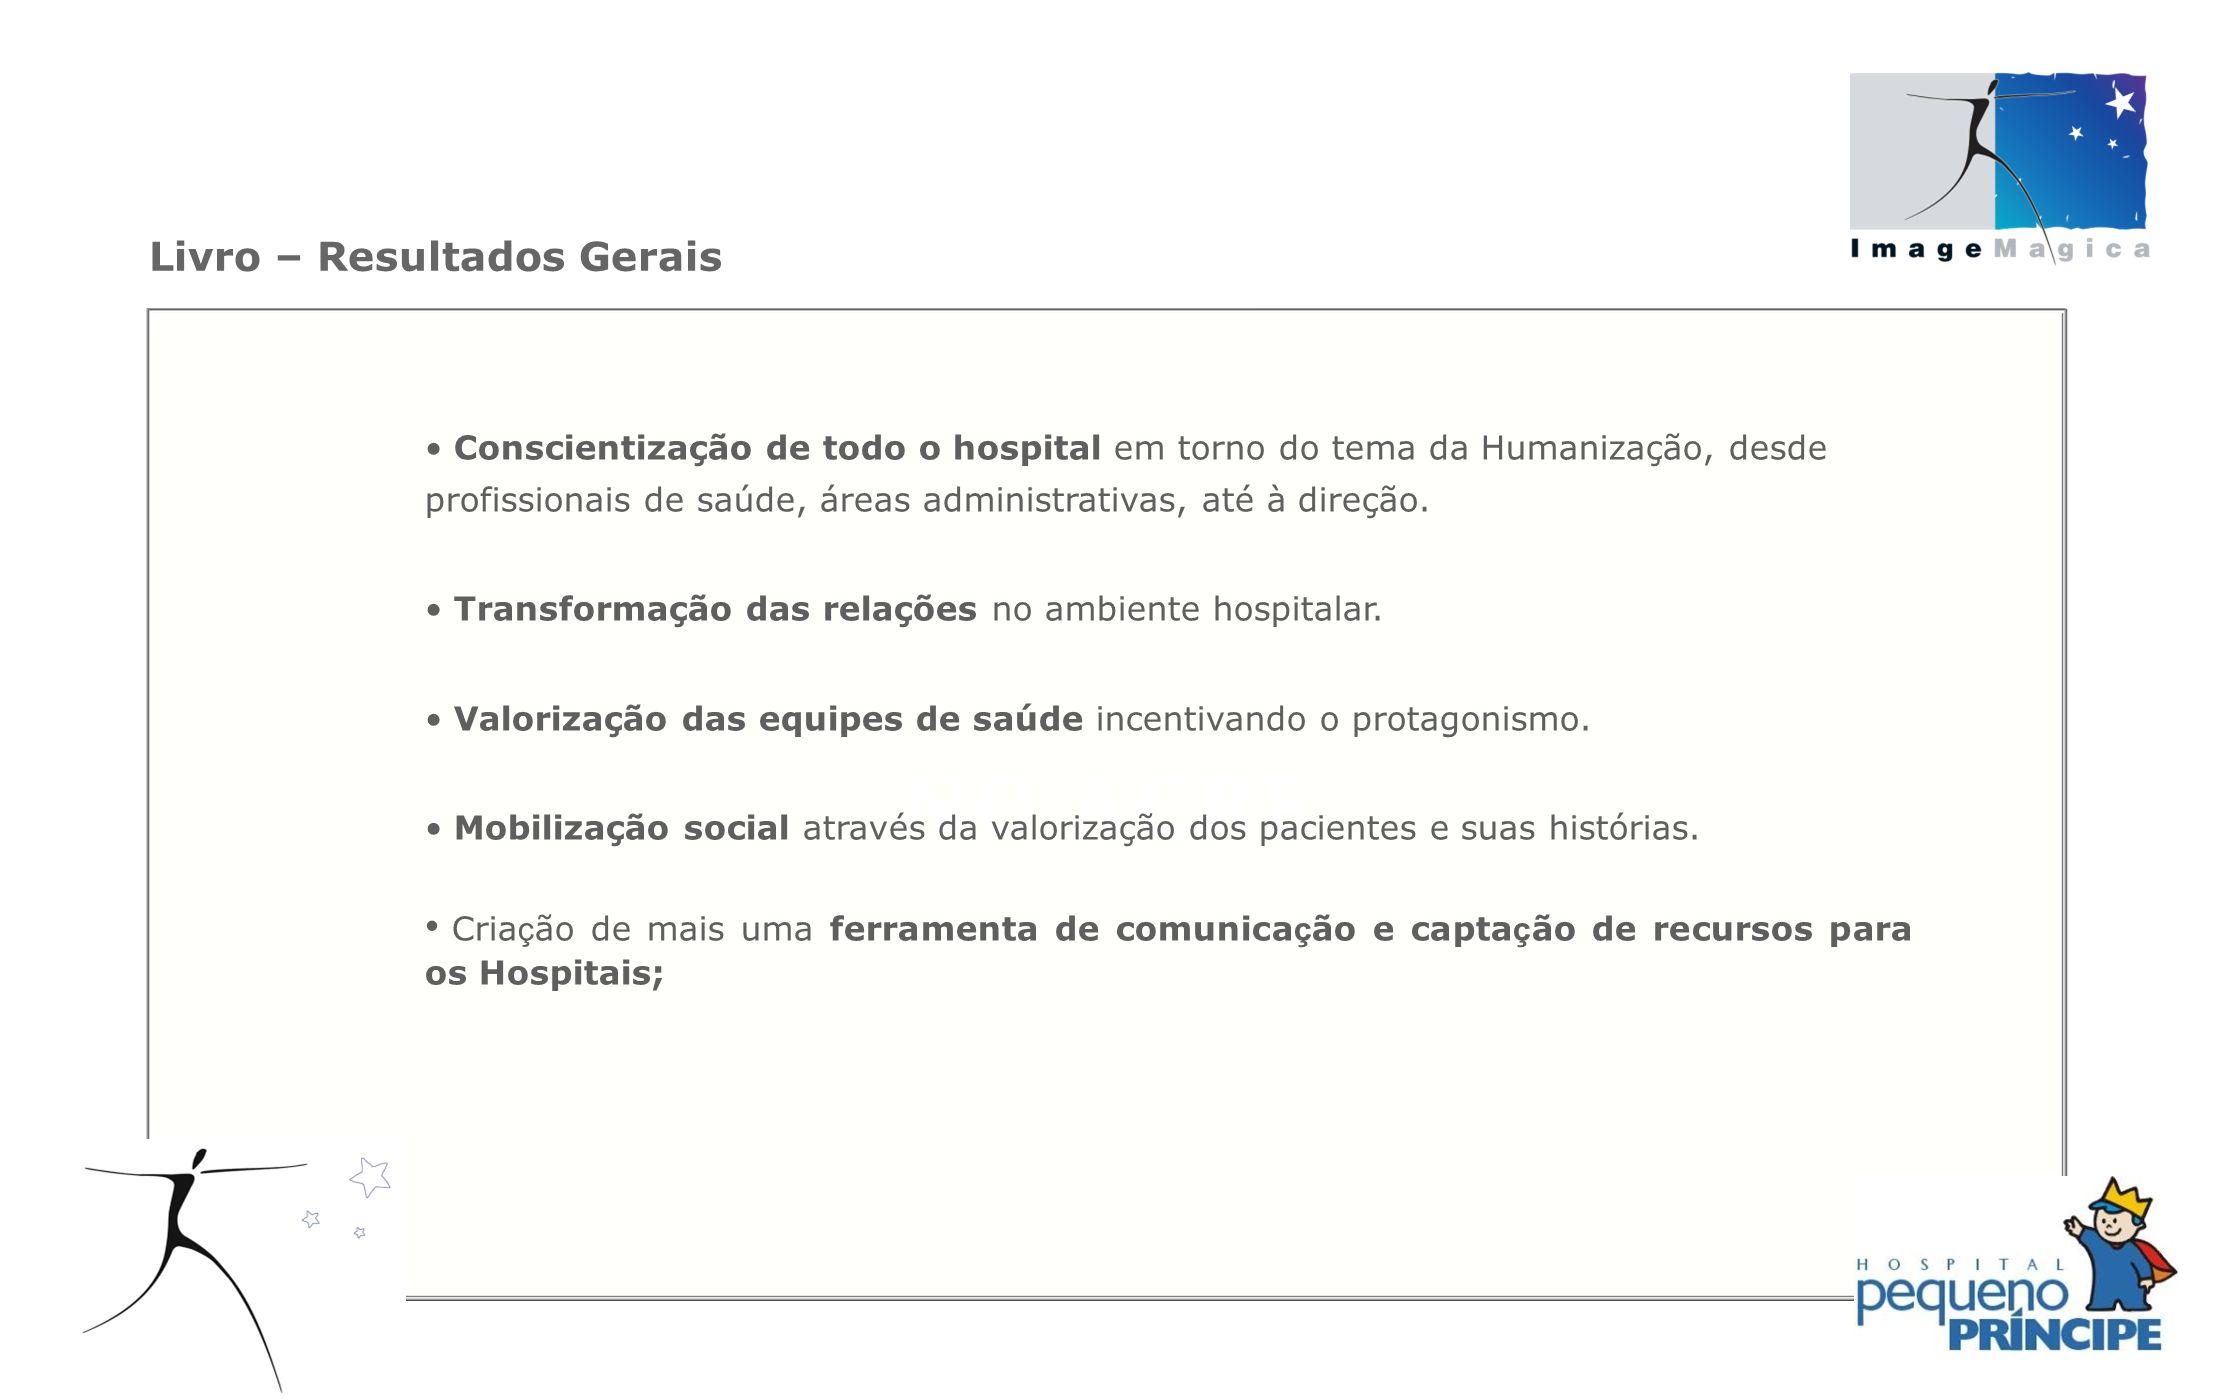 Livro – Resultados Gerais Conscientização de todo o hospital em torno do tema da Humanização, desde profissionais de saúde, áreas administrativas, até